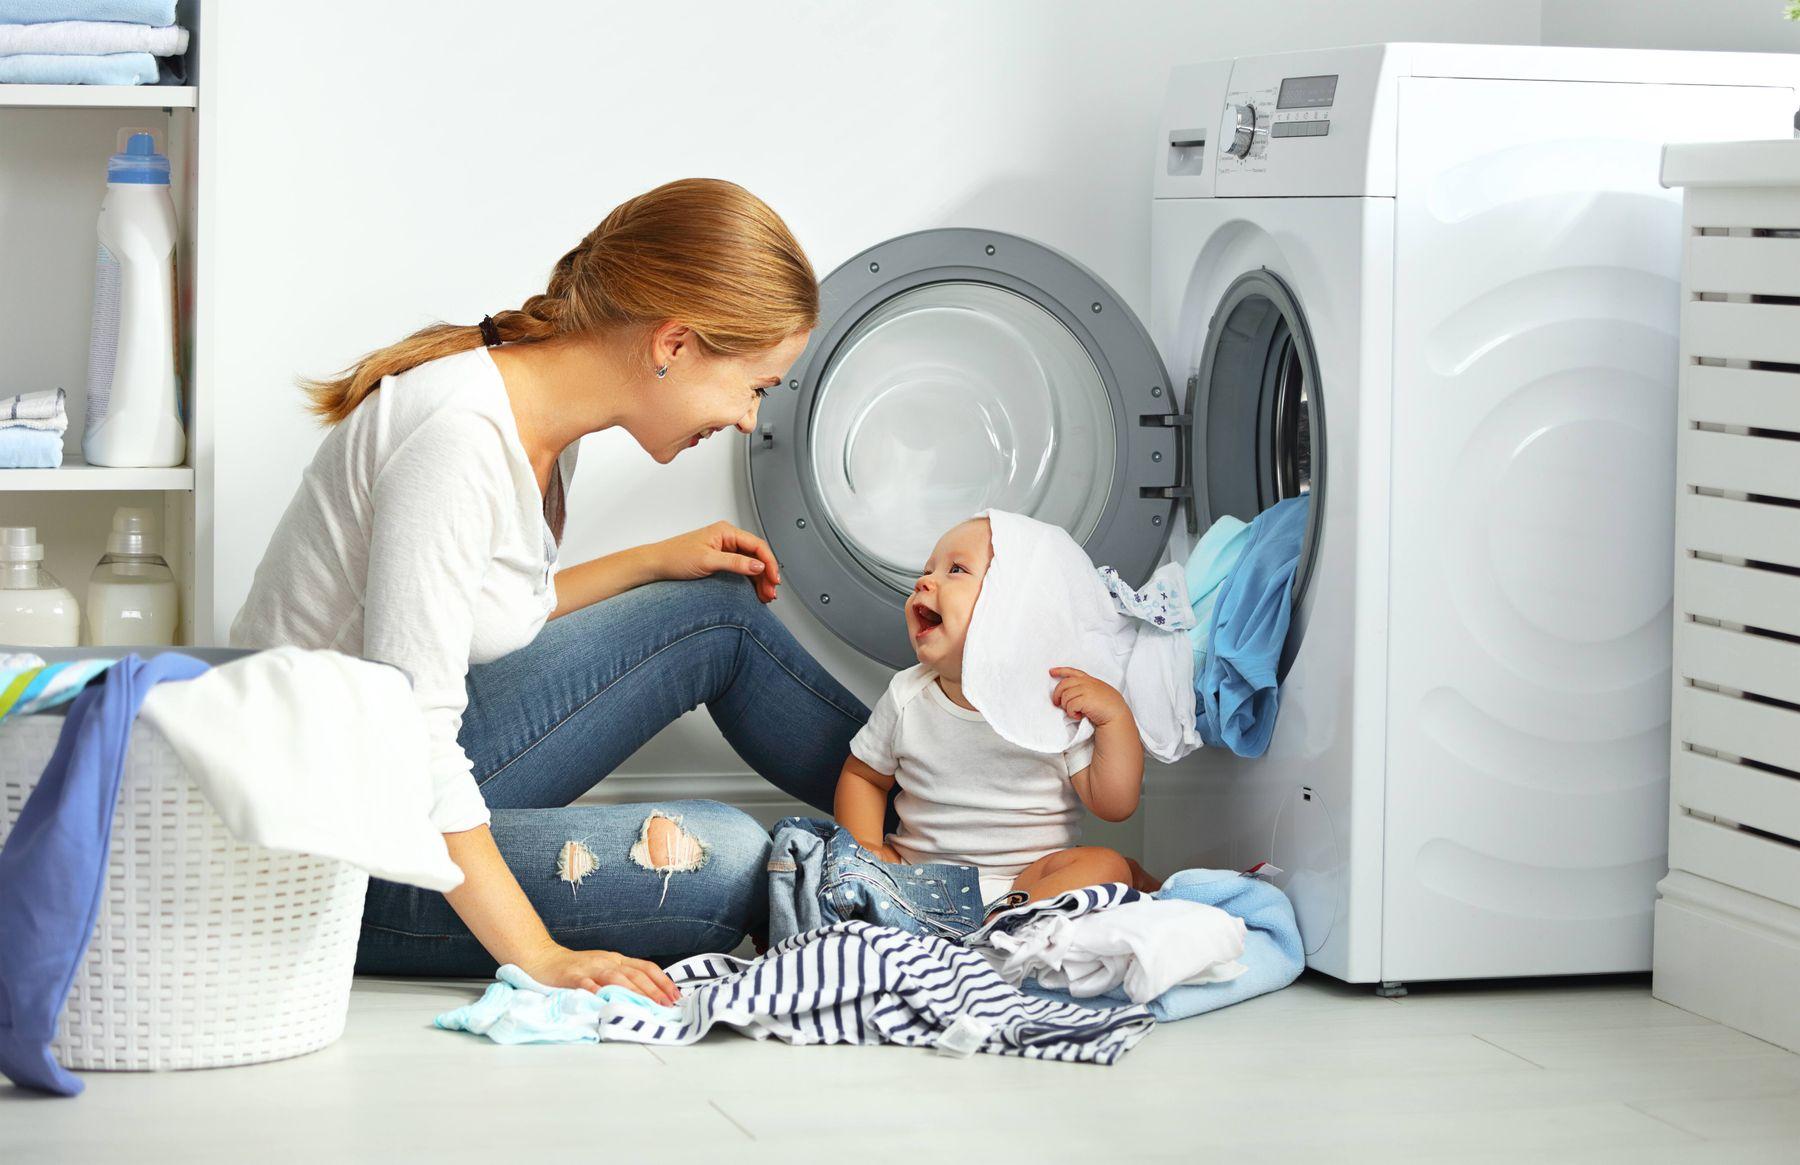 Giặt đồ cho trẻ sơ sinh bằng máy giặt với nước giặt cho bé chuyên dụng